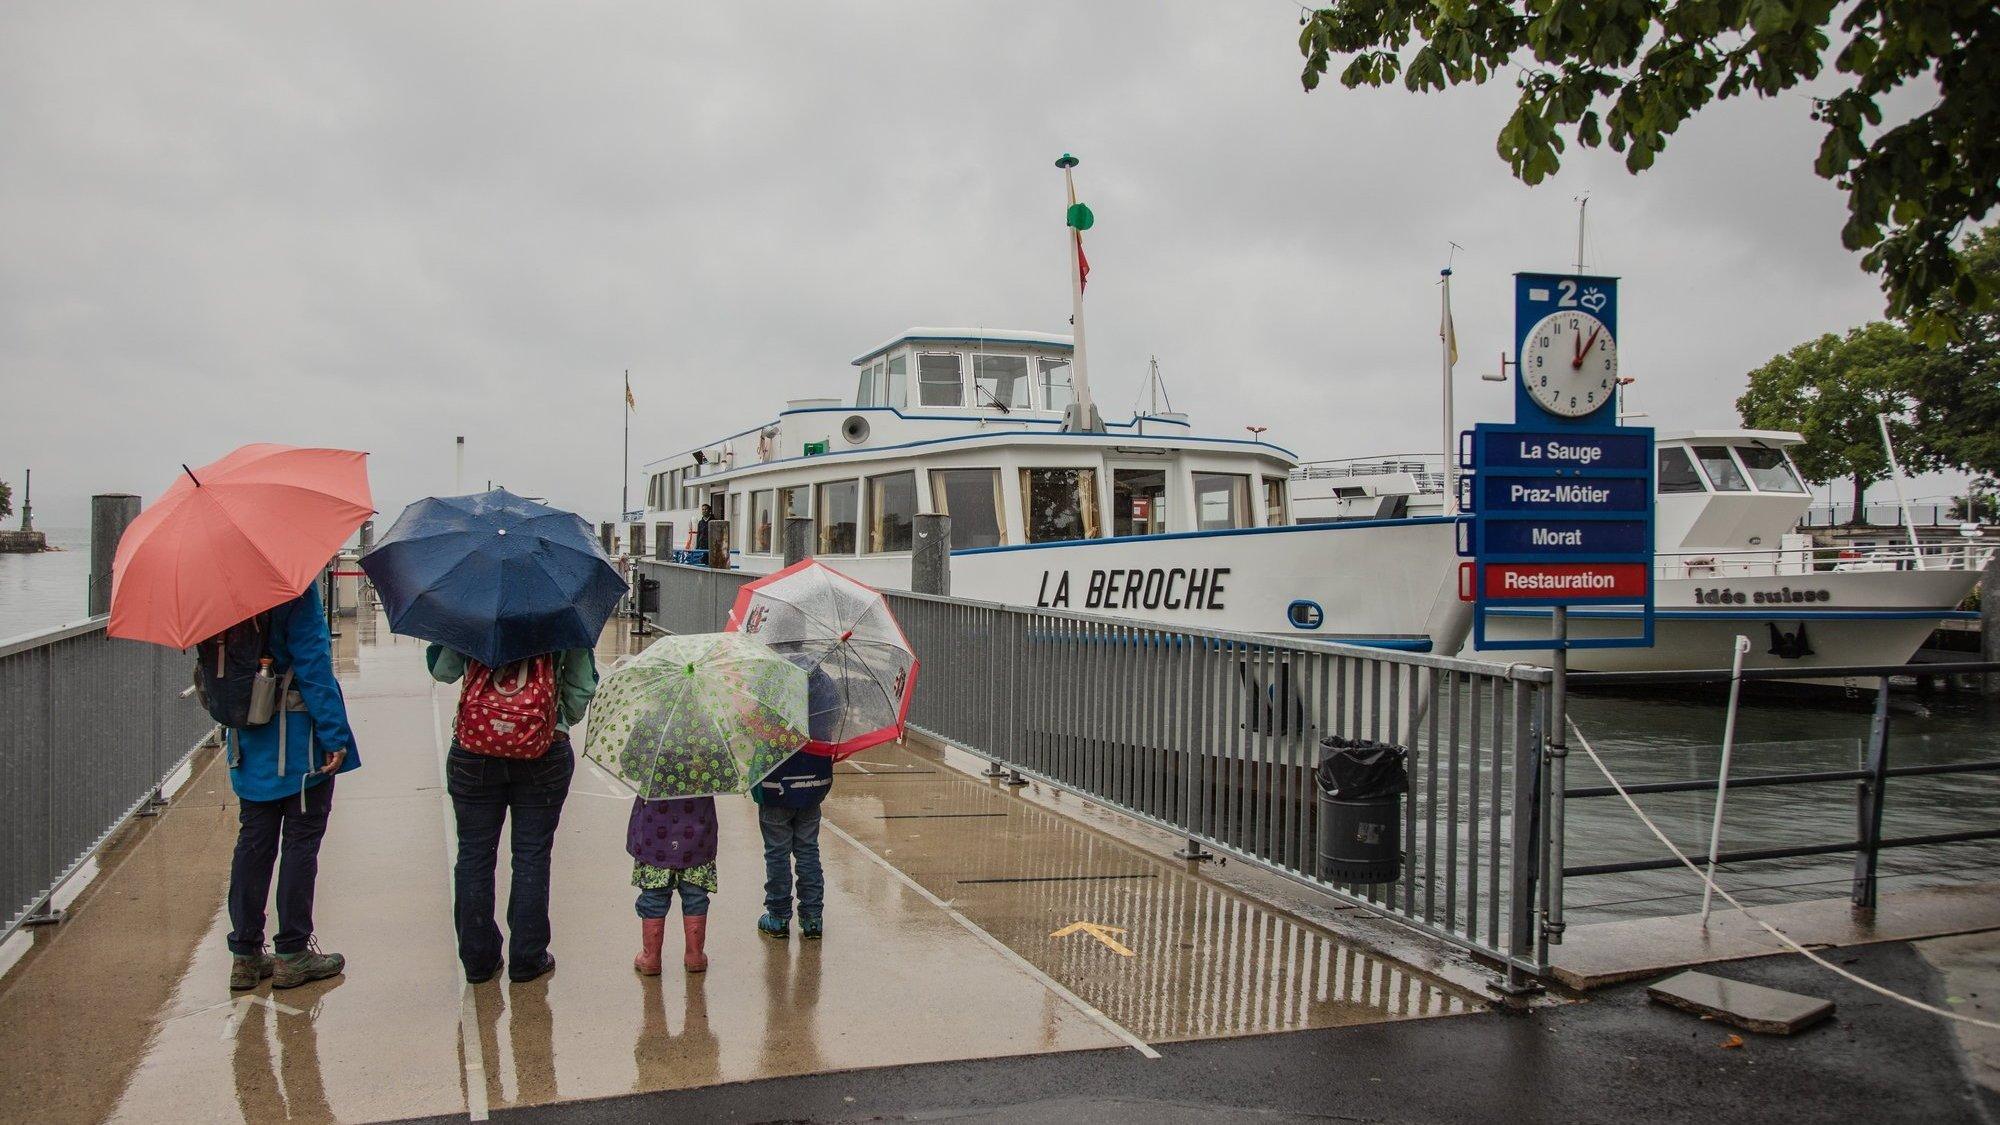 La Navigation sur les lacs de Neuchâtel et Morat n'a accueilli que 19 000 passagers en juillet, contre 60 000 lors d'un mois d'été standard.